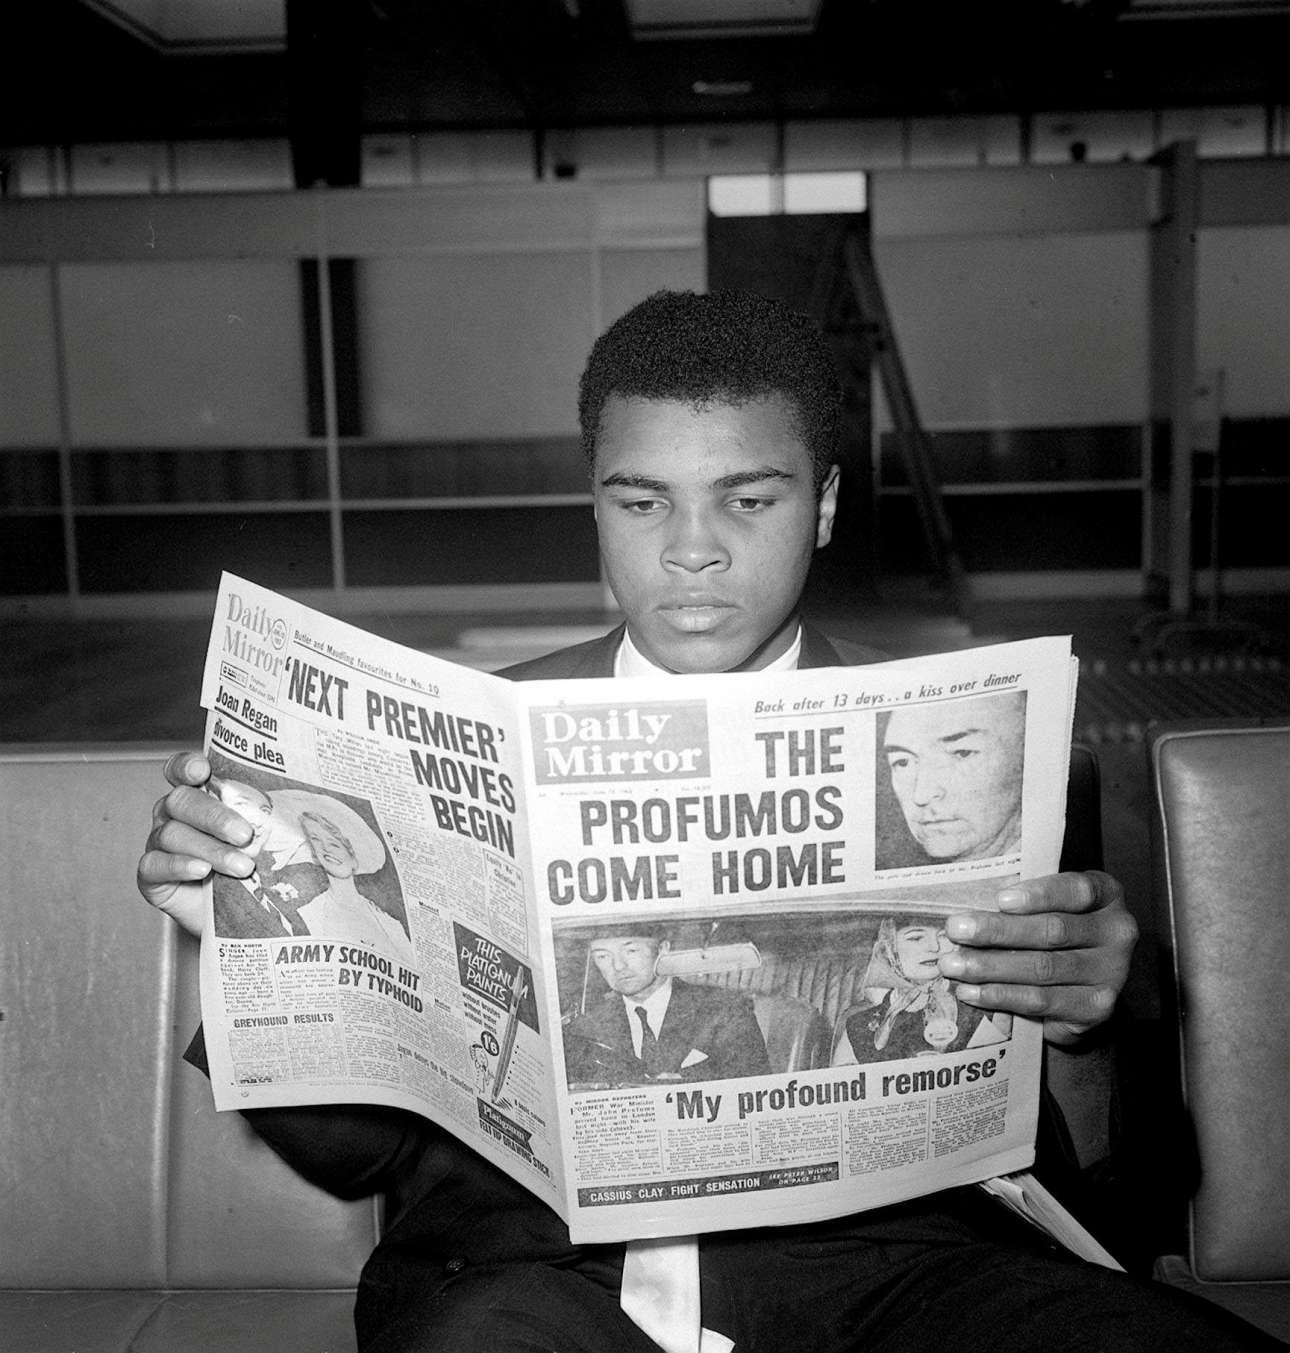 Ιούνιος 1963. Είναι ακόμα ο Κάσιους Κλέι. Και διαβάζει στο Λονδίνο την Daily Mirror για το Σκάνδαλο Προφιούμο, λίγο πριν τον αγώνα του με τον βρετανό πρωτοπυγμάχο Χένρι Κούπερ